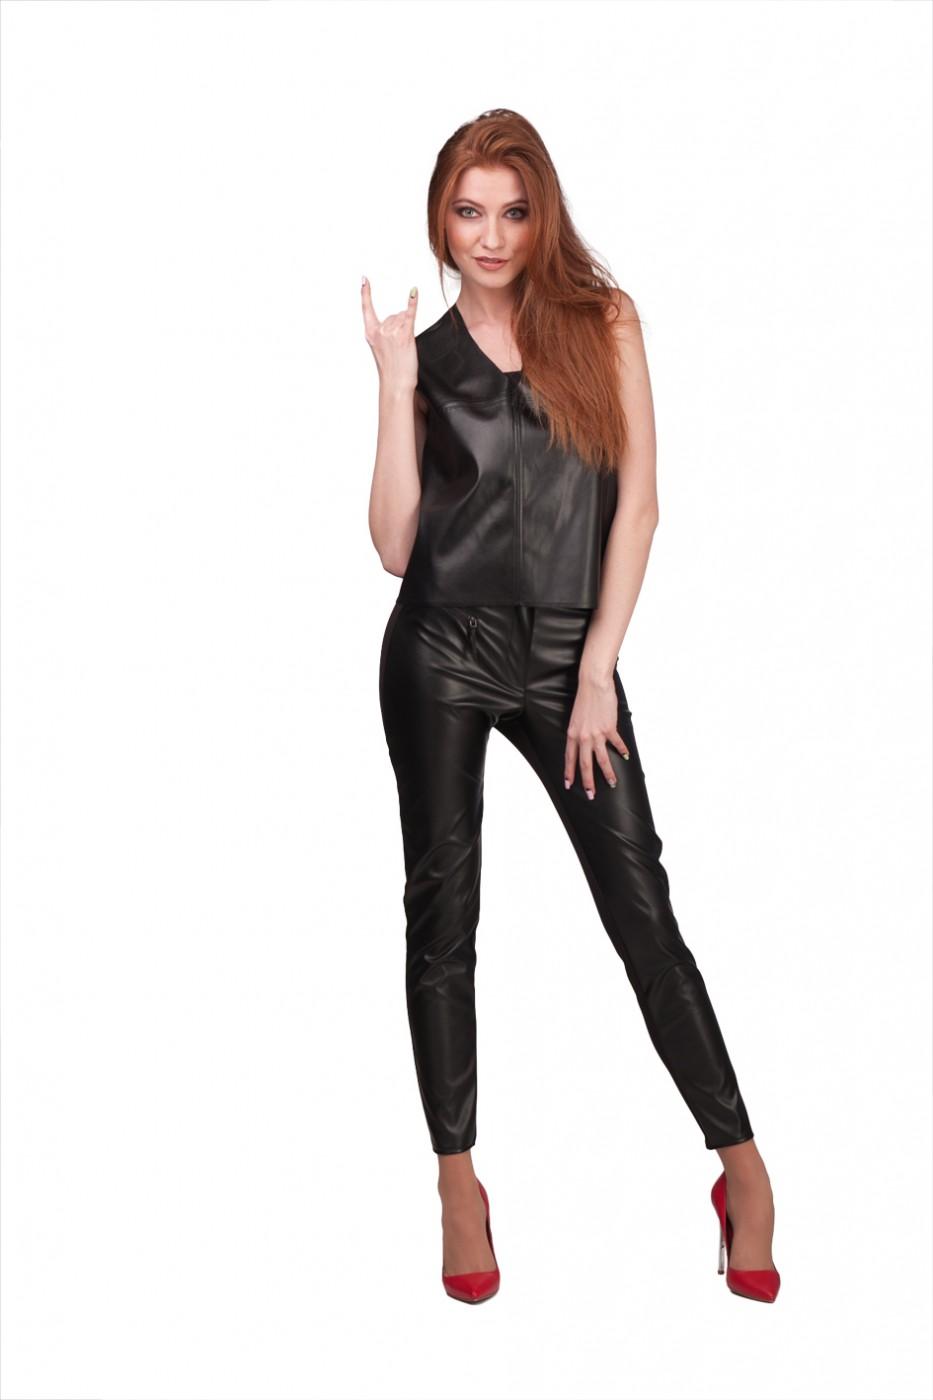 9b6ca5faaef85 Lilo: Комбинированные укороченные черные брюки из экокожи 01998 - фото 1 ...